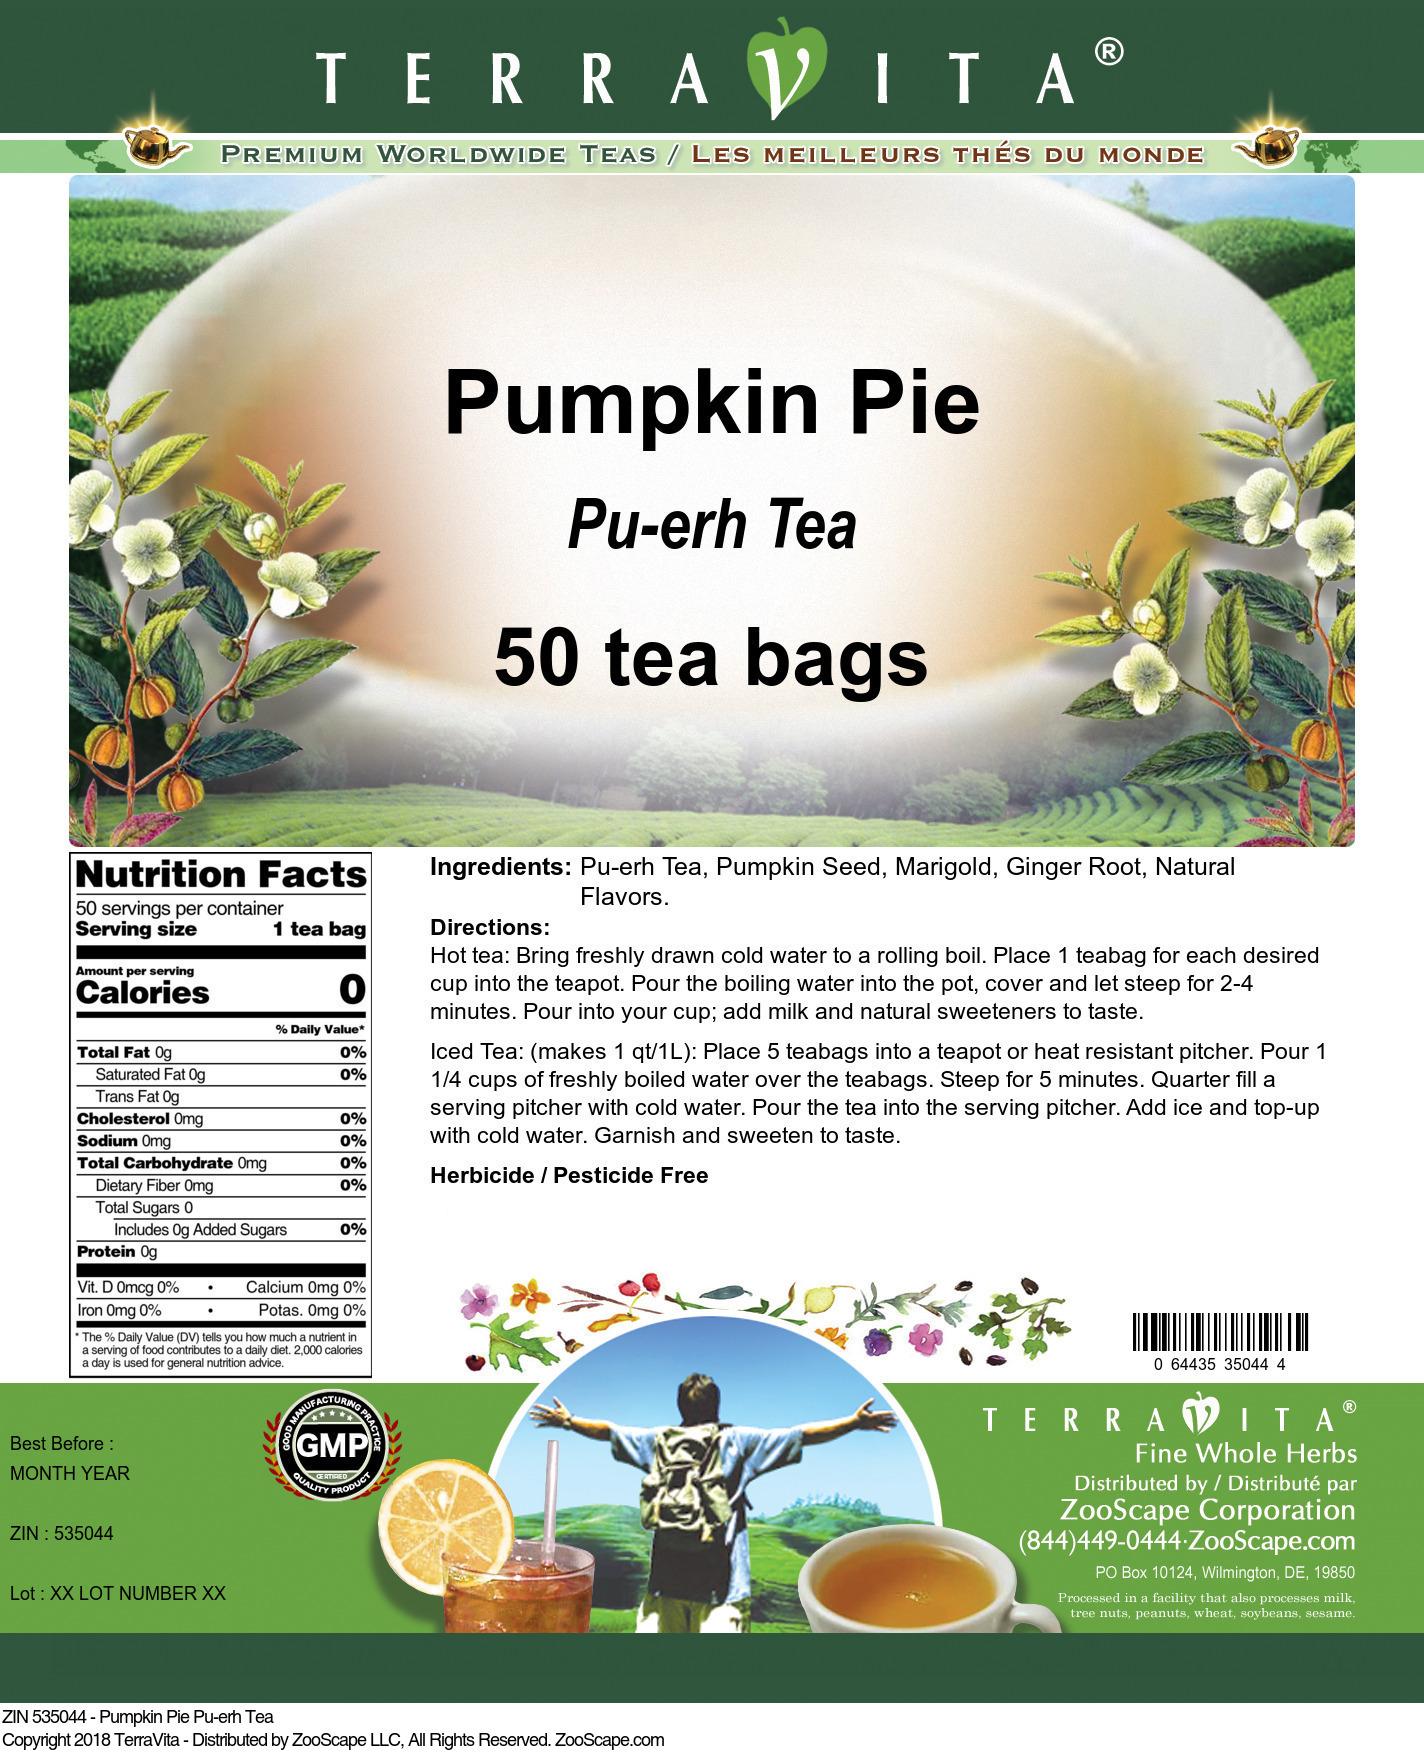 Pumpkin Pie Pu-erh Tea